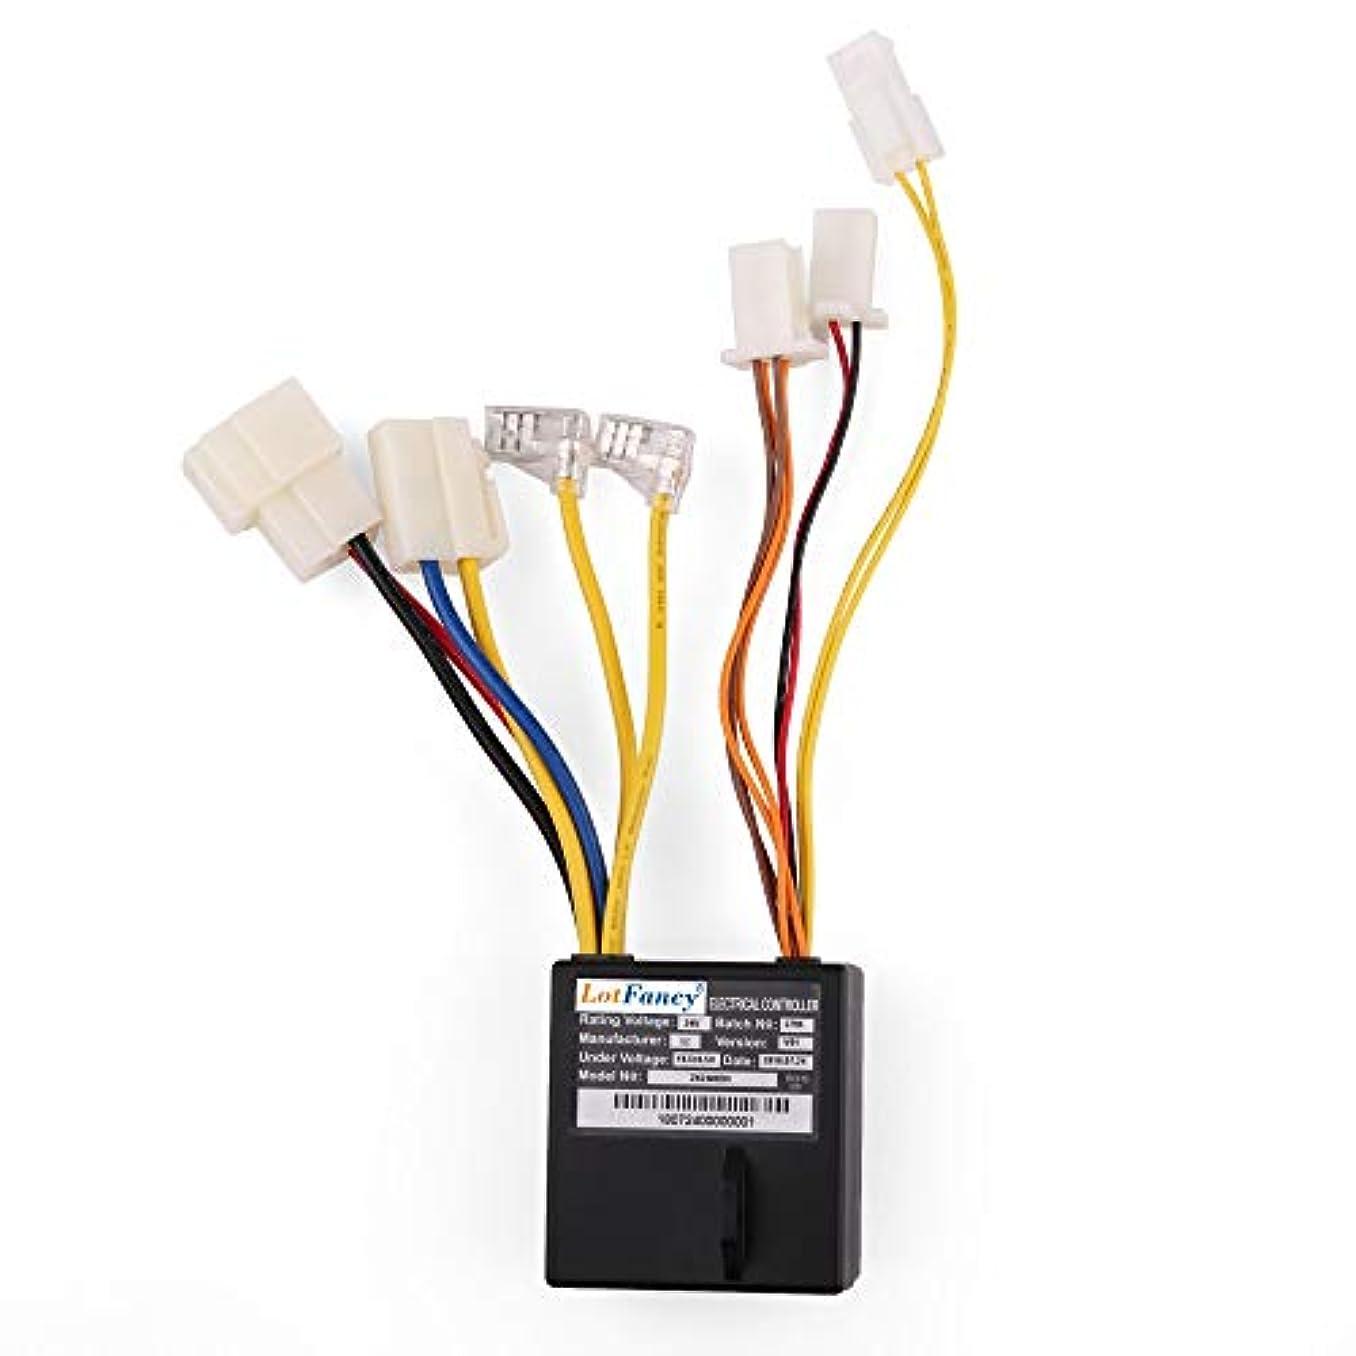 ショルダーリマかすかなLotFancy zk2400-DH、スクーターコントローラ:かみそり電力コアE100電動スクーター7つのコネクタ、モデル番号と24Vコントローラ